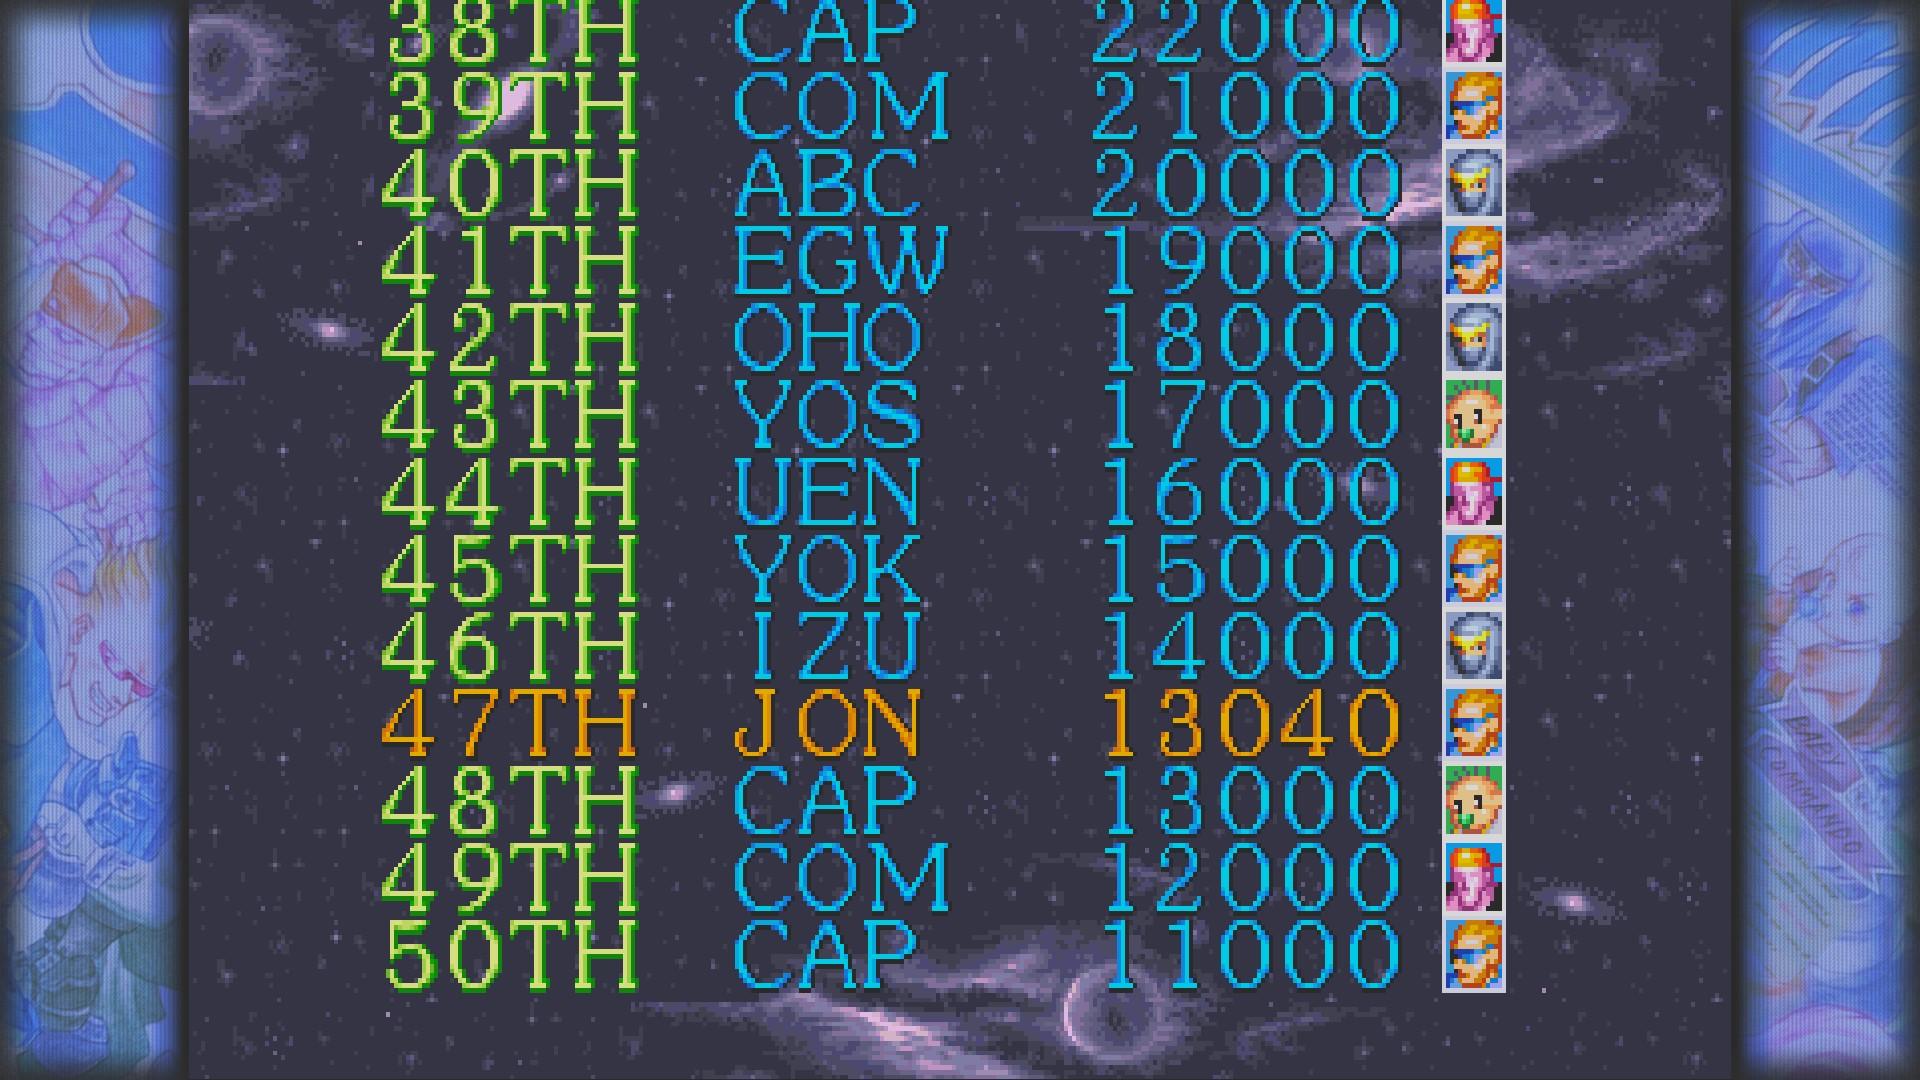 Captain Commando 13,040 points